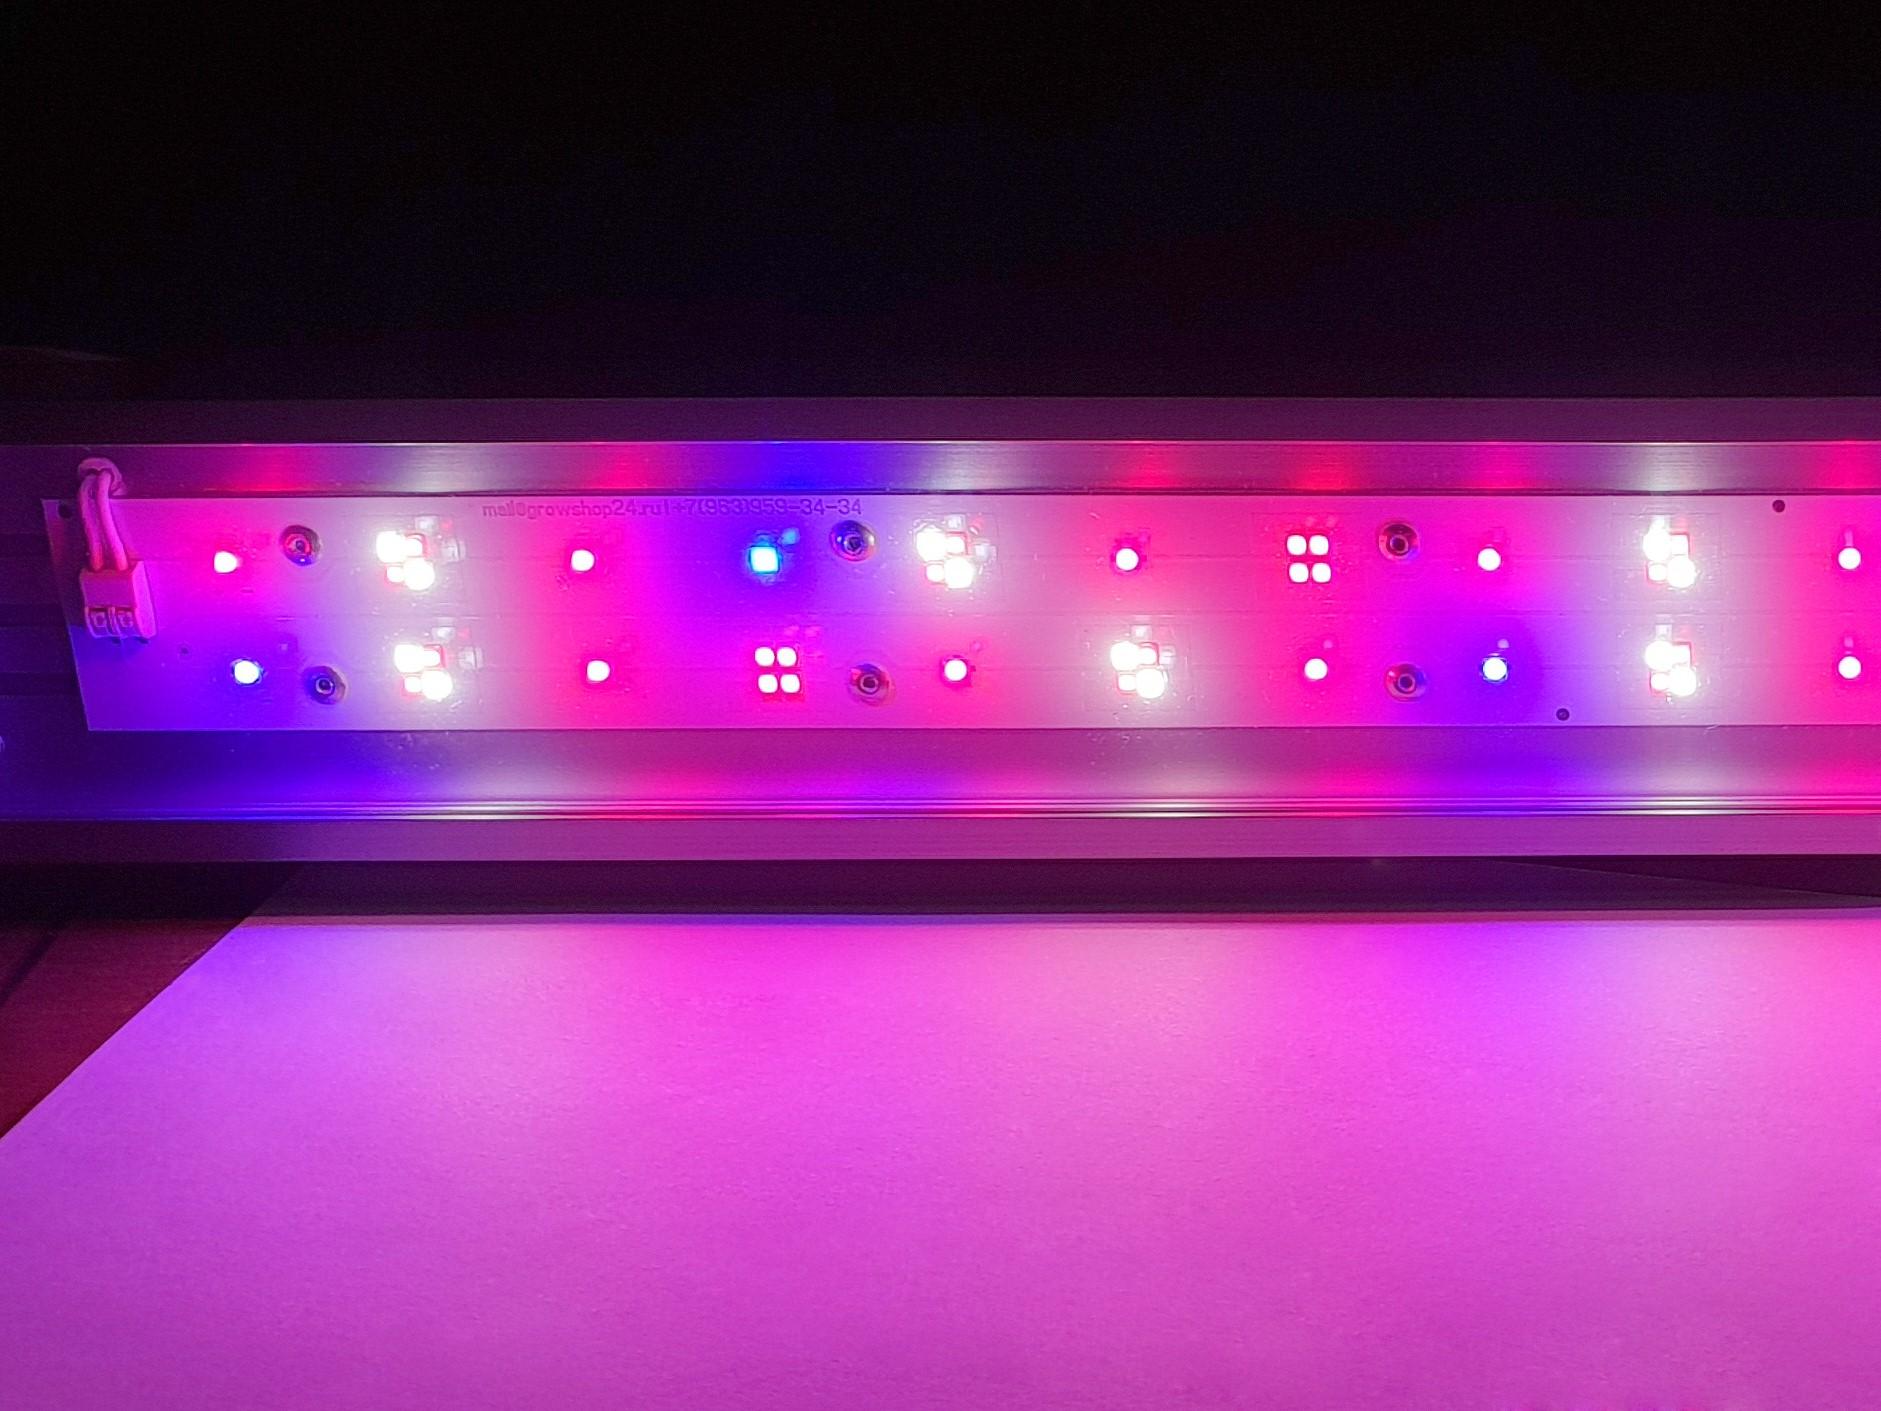 Светодиоды в фитосветильнике подобраны специальным образом для достижения максимального эффекта